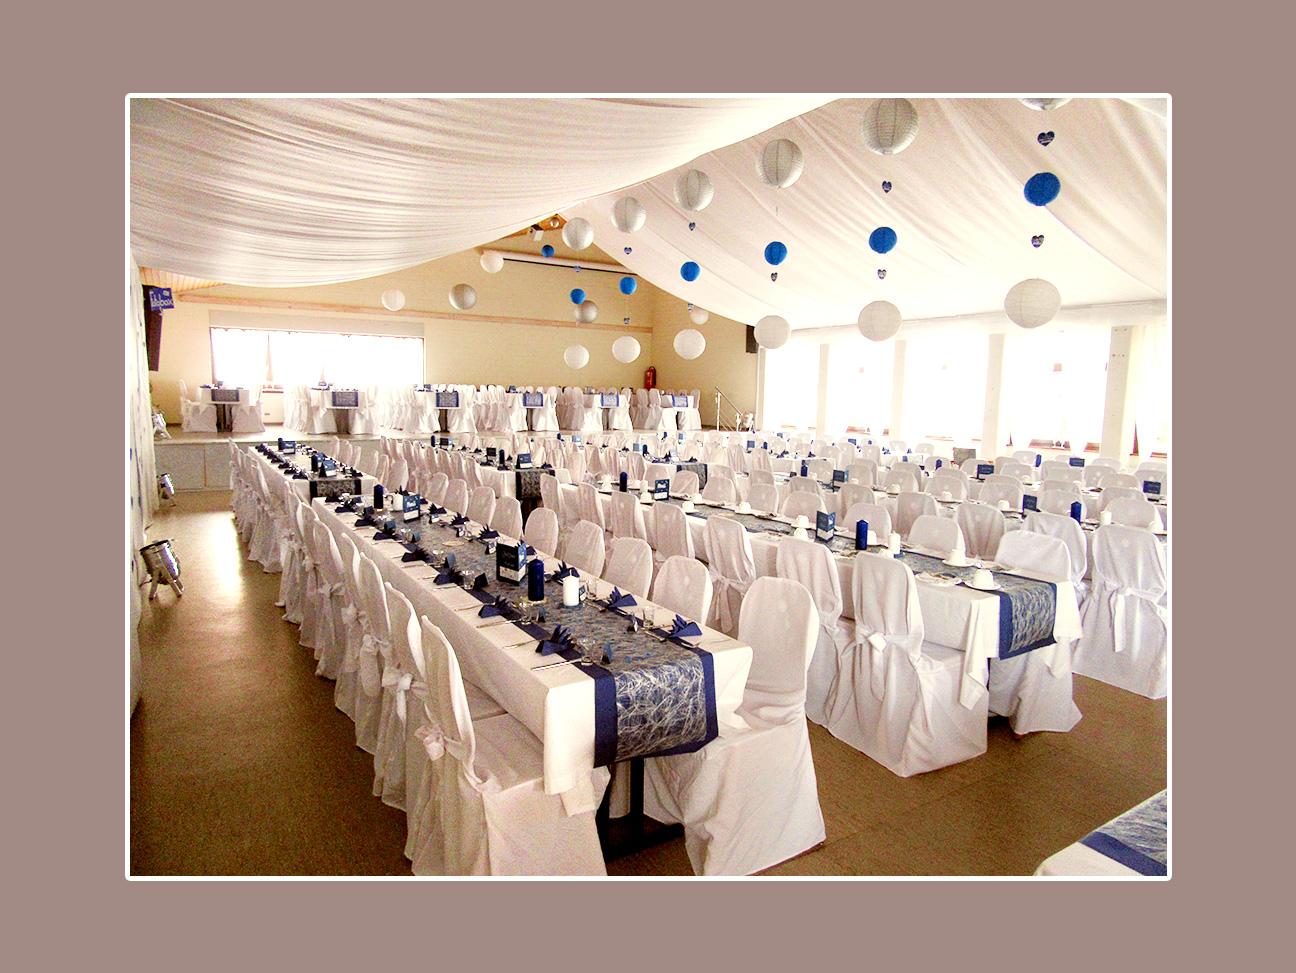 Hochzeitsdeko Weiß Blau in der Festalle Aura nahe Bad Kissingen